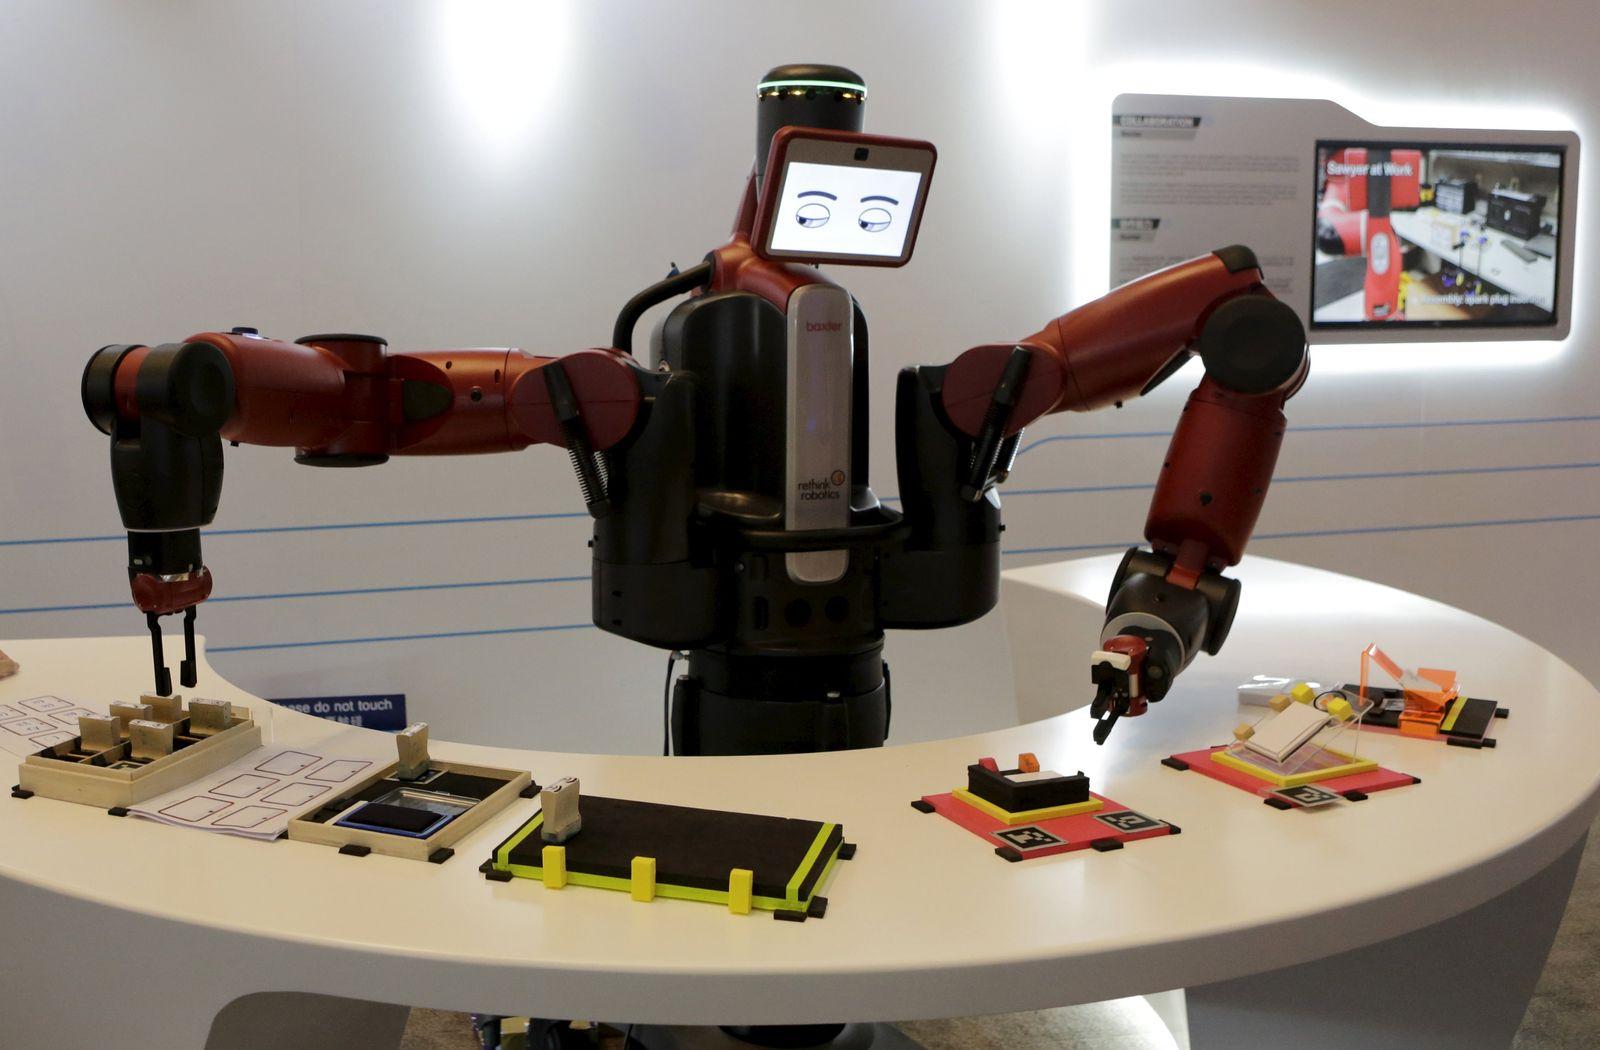 CHINA-ROBOTS/